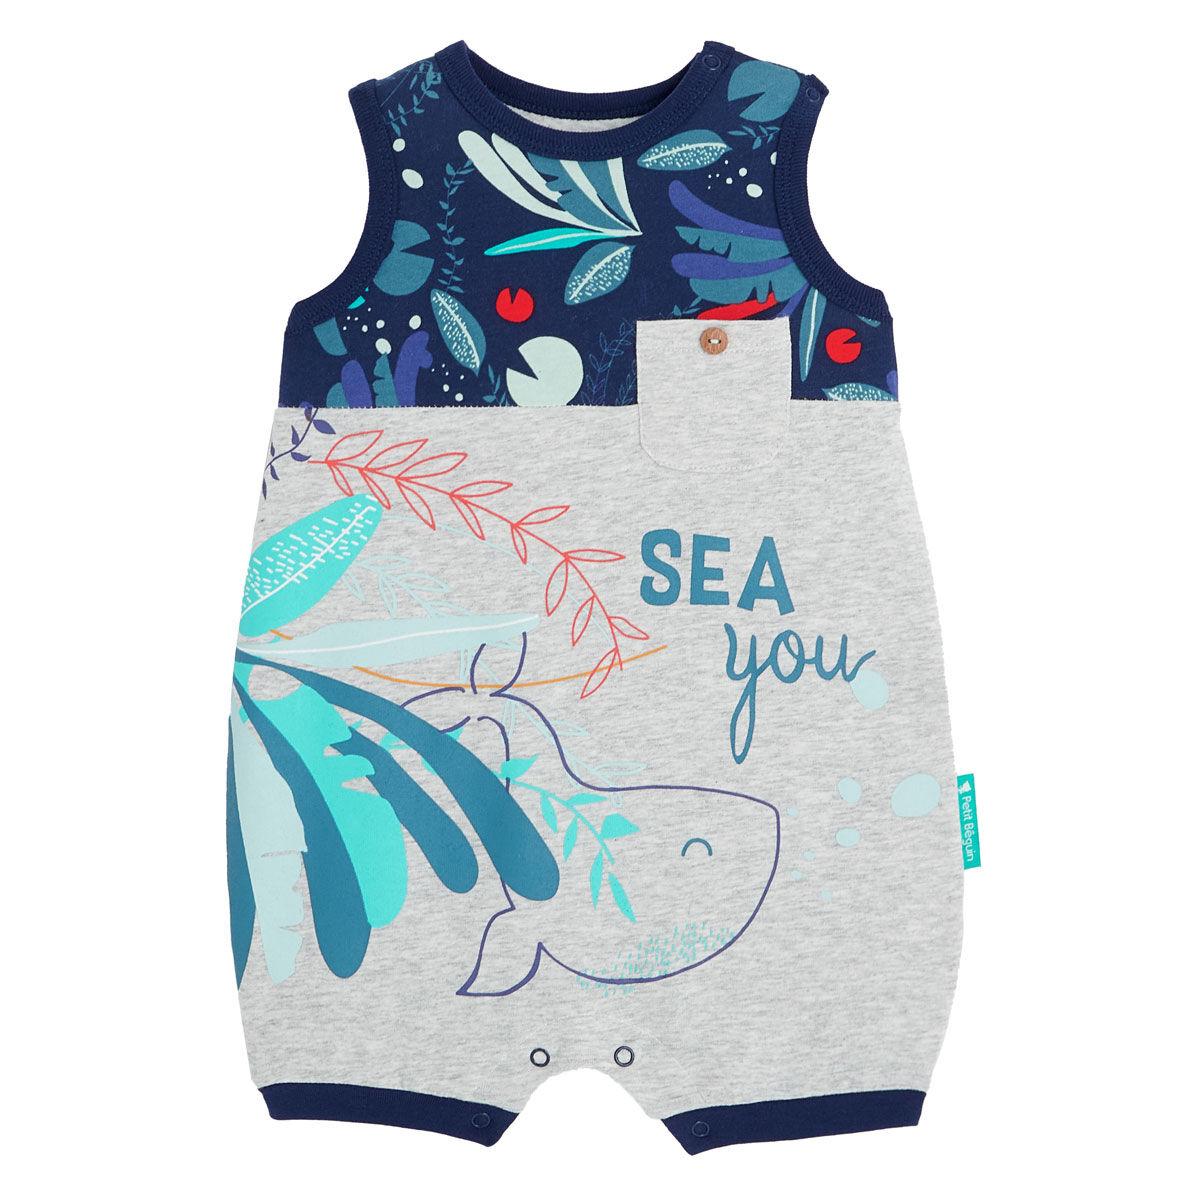 Petit Béguin Barboteuse bébé garçon contenant du coton bio Sea You - Taille - 24 mois